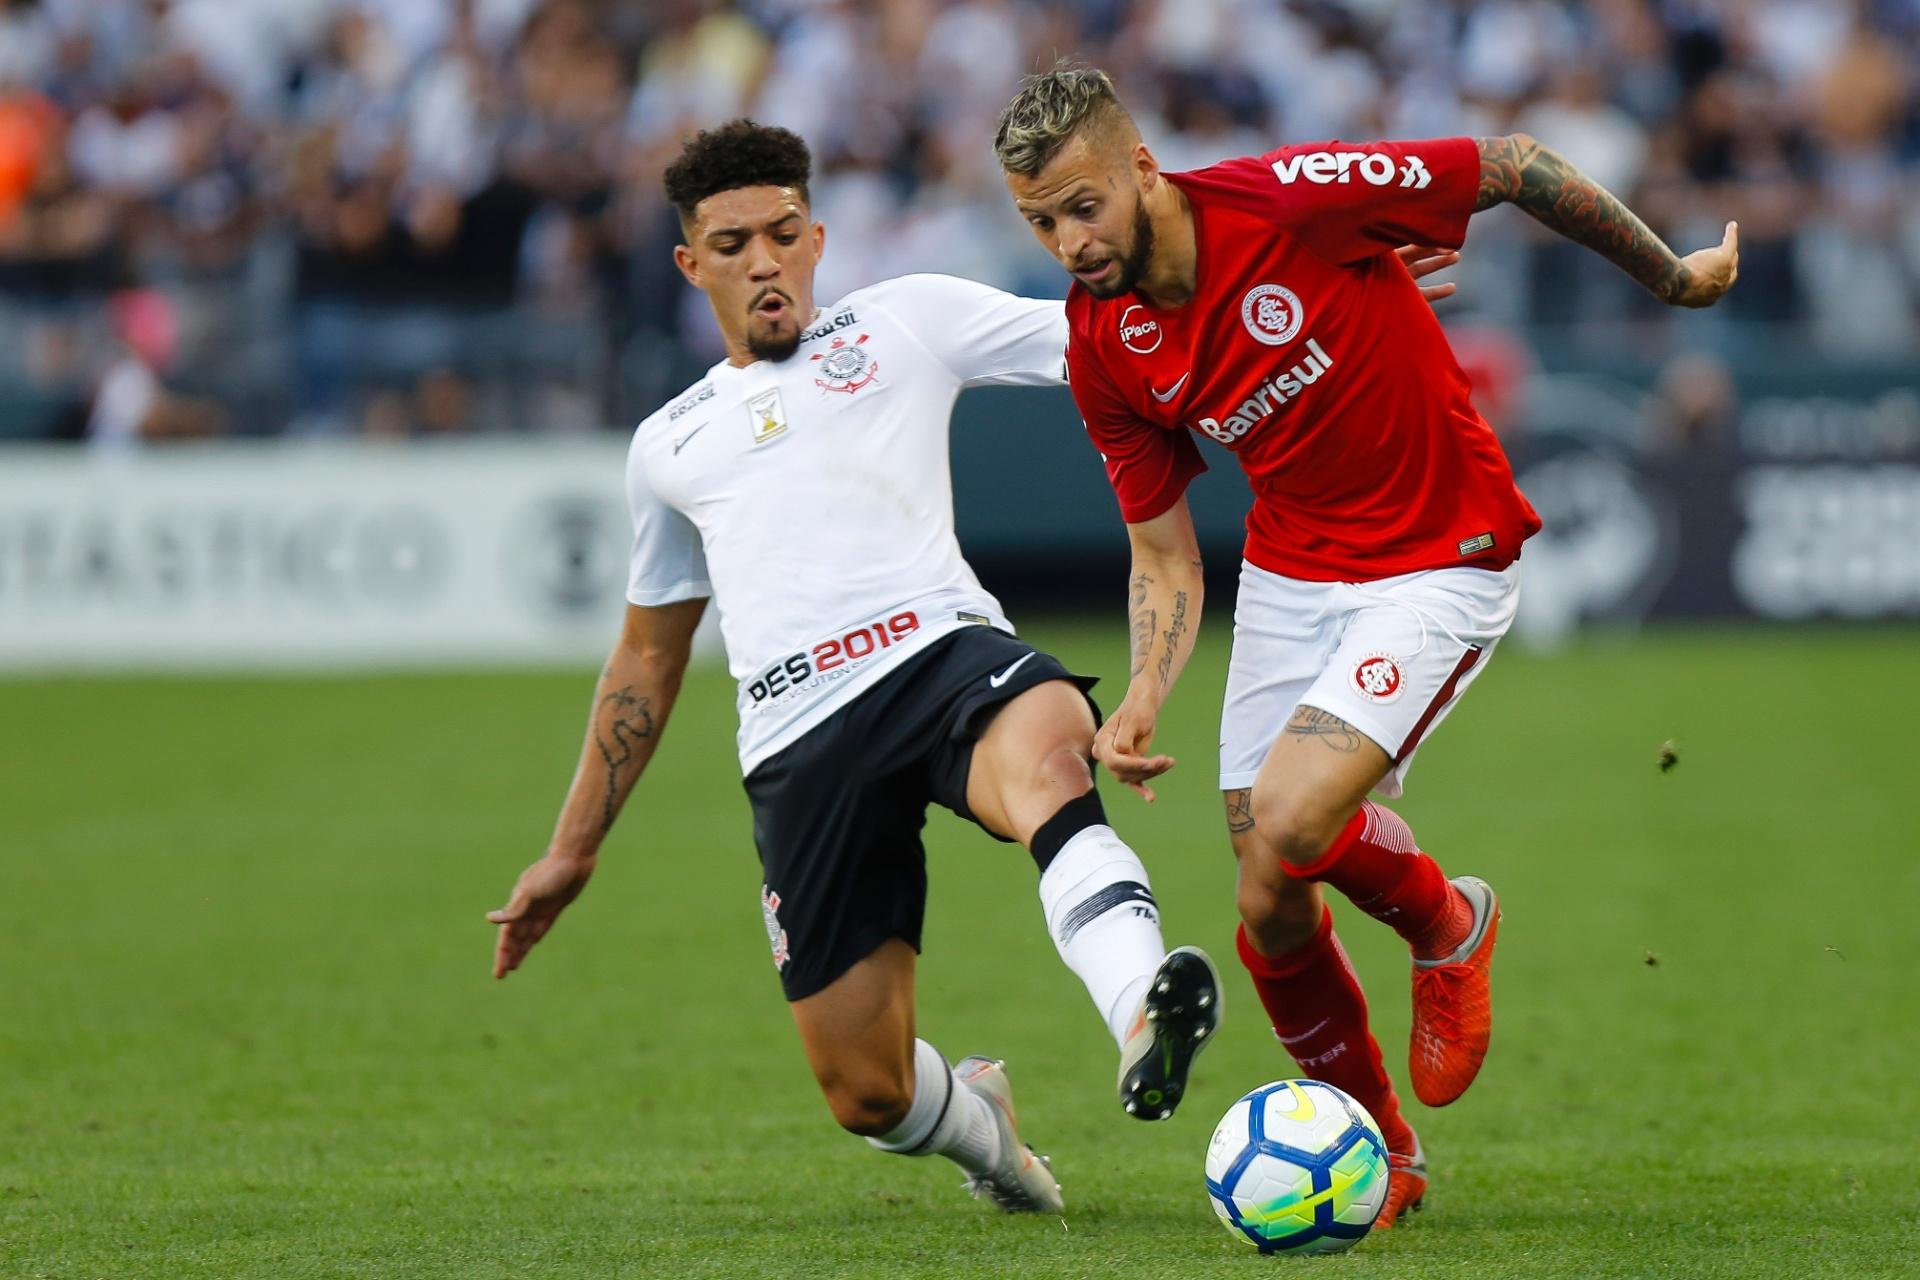 Corinthians e Inter empatam em jogo com gol irregular colorado  SP lidera -  23 09 2018 - UOL Esporte a2f3bcab9d026